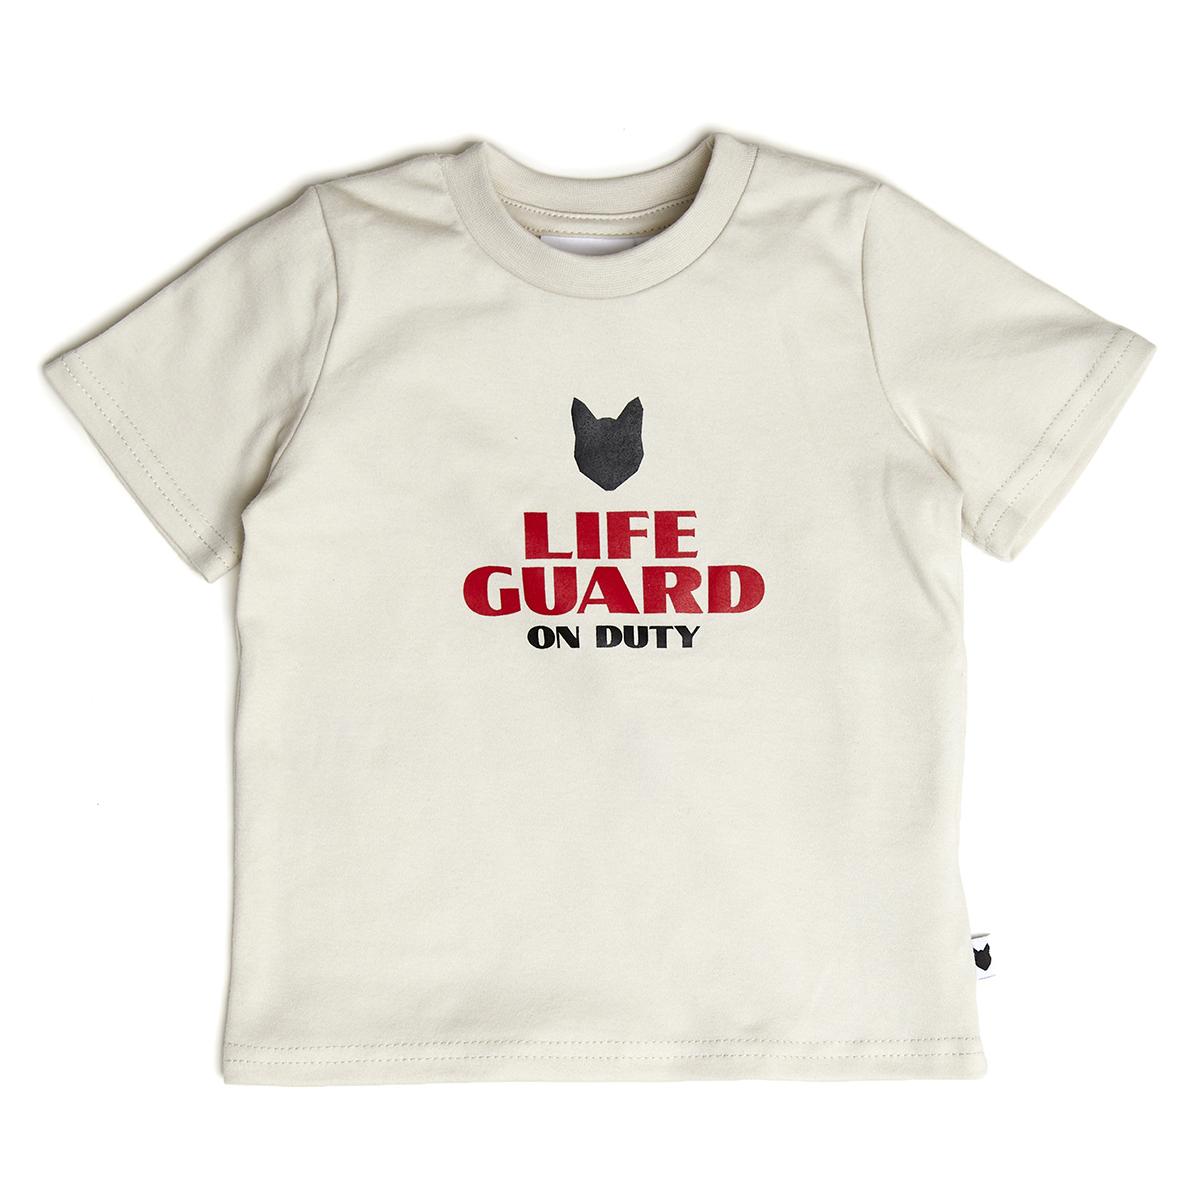 Haut bébé Tee-Shirt Lifeguard - 2/3 Ans Tee-Shirt Lifeguard - 2/3 Ans